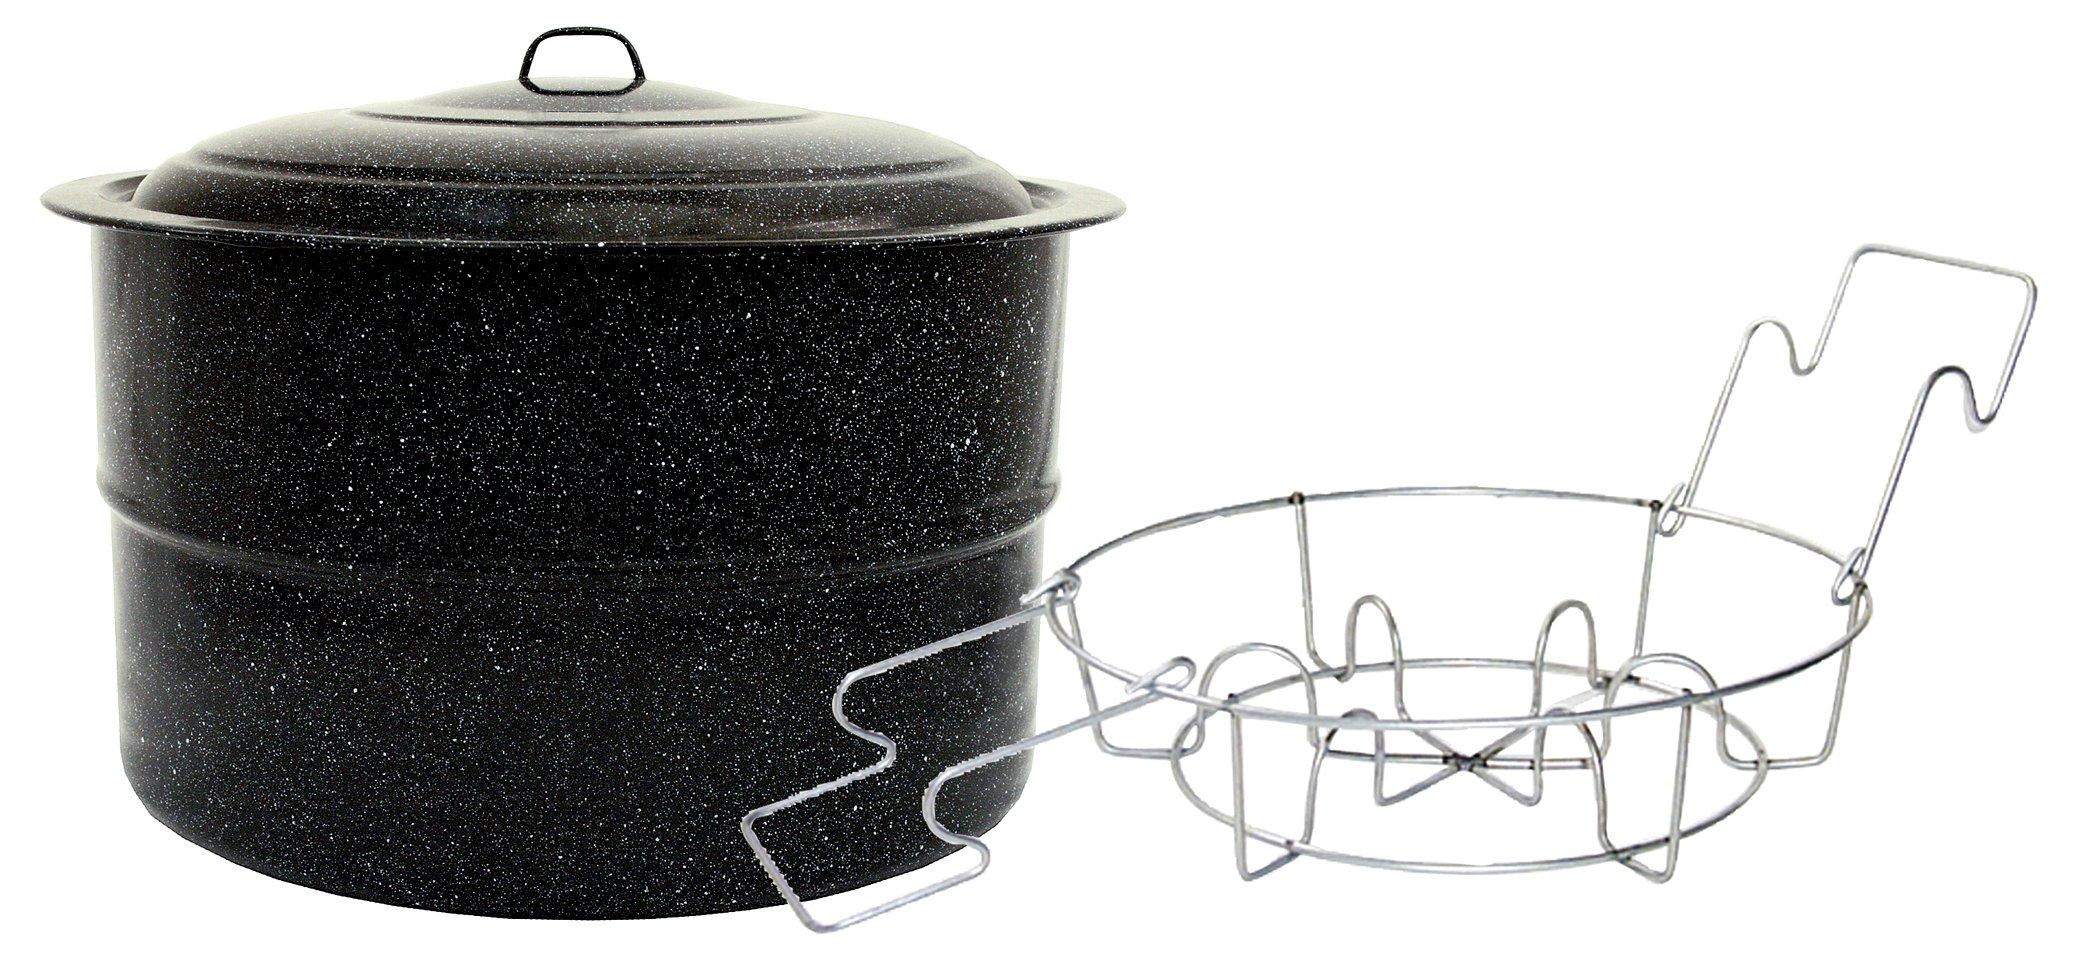 Granite Ware Jar Canner and Rack, 33-Quart